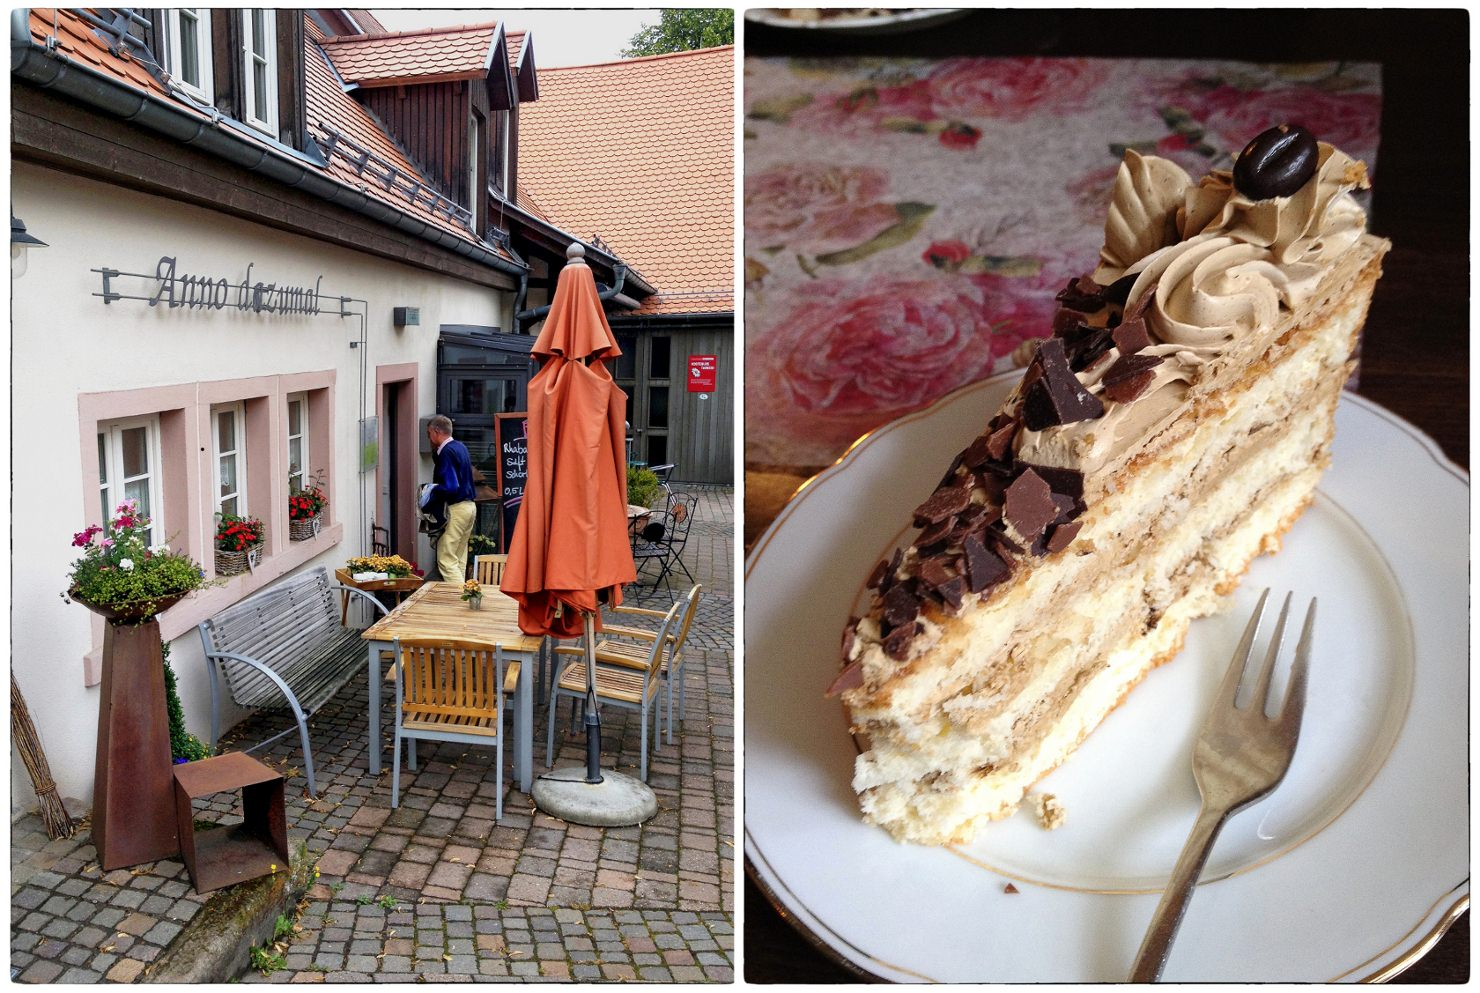 Im Cafe Anno dazumal in Dannenfels warten auf Besucher nicht nur leckere hausgemachte Torten und Kuchen, sondern auch hervorragende Kaffees aus der Kaffeeroesterei Weidmann (Kirchheimbolanden)